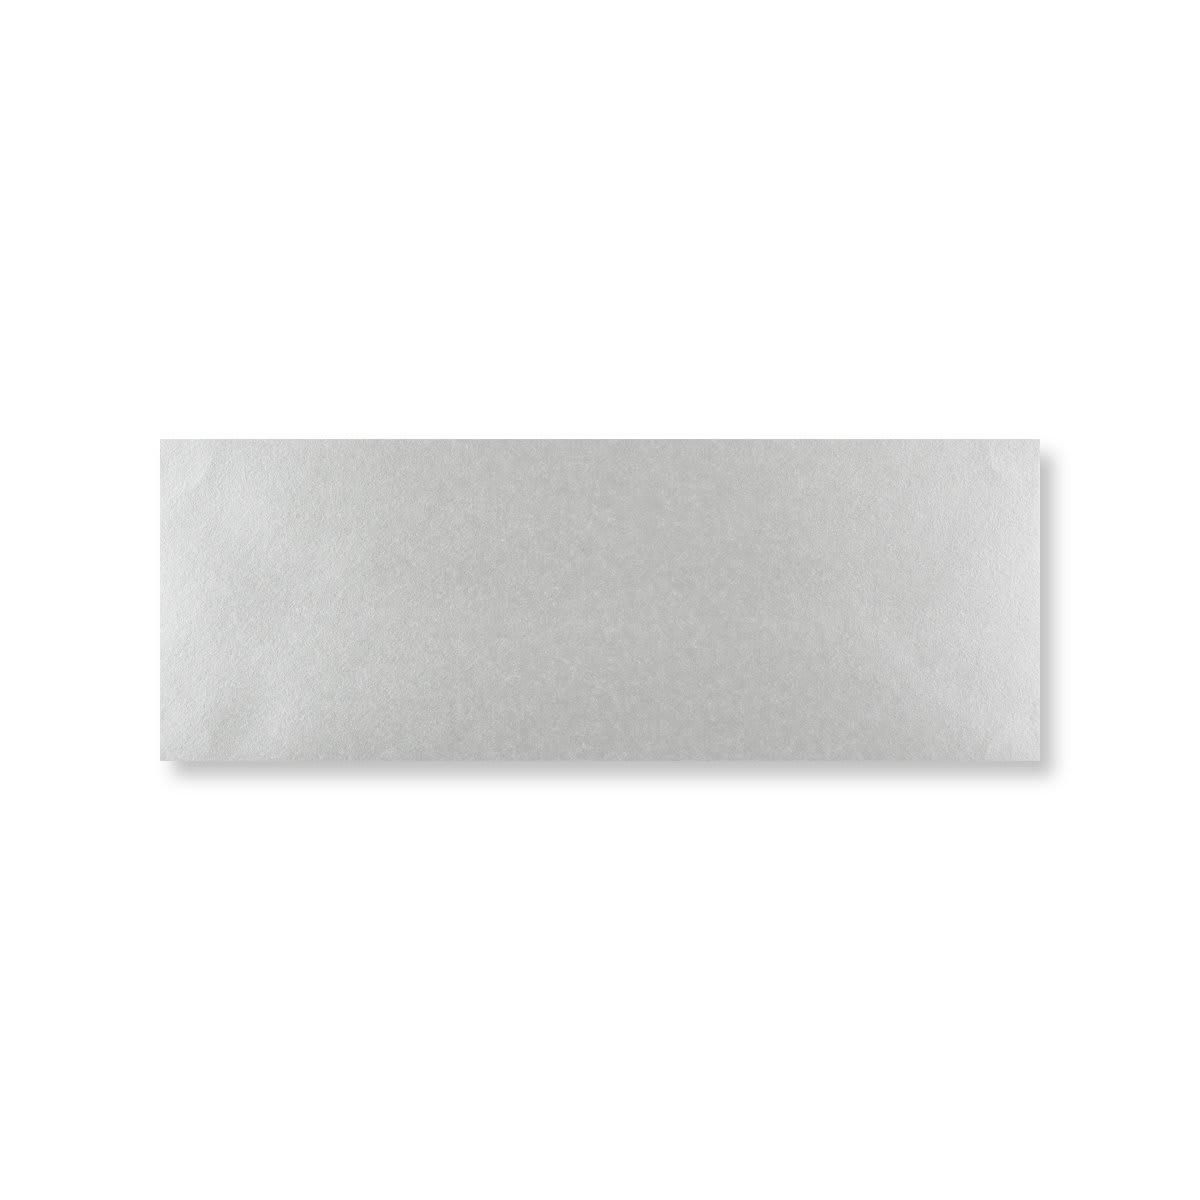 METALLIC SILVER 80 x 215 mm ENVELOPES (i3)